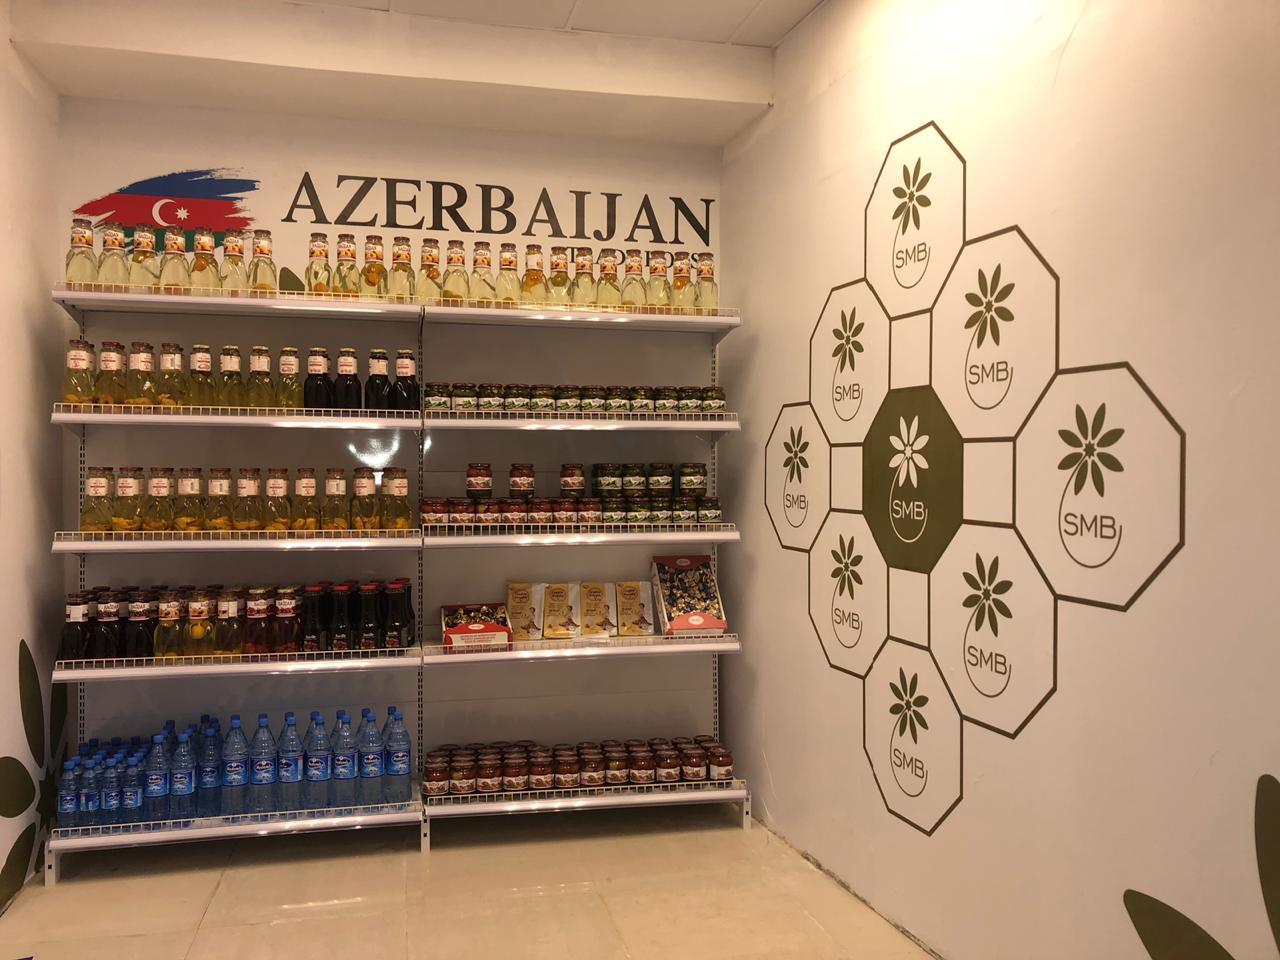 При организации Агентства по развитию МСБ в Дубае представлена азербайджанская продукция